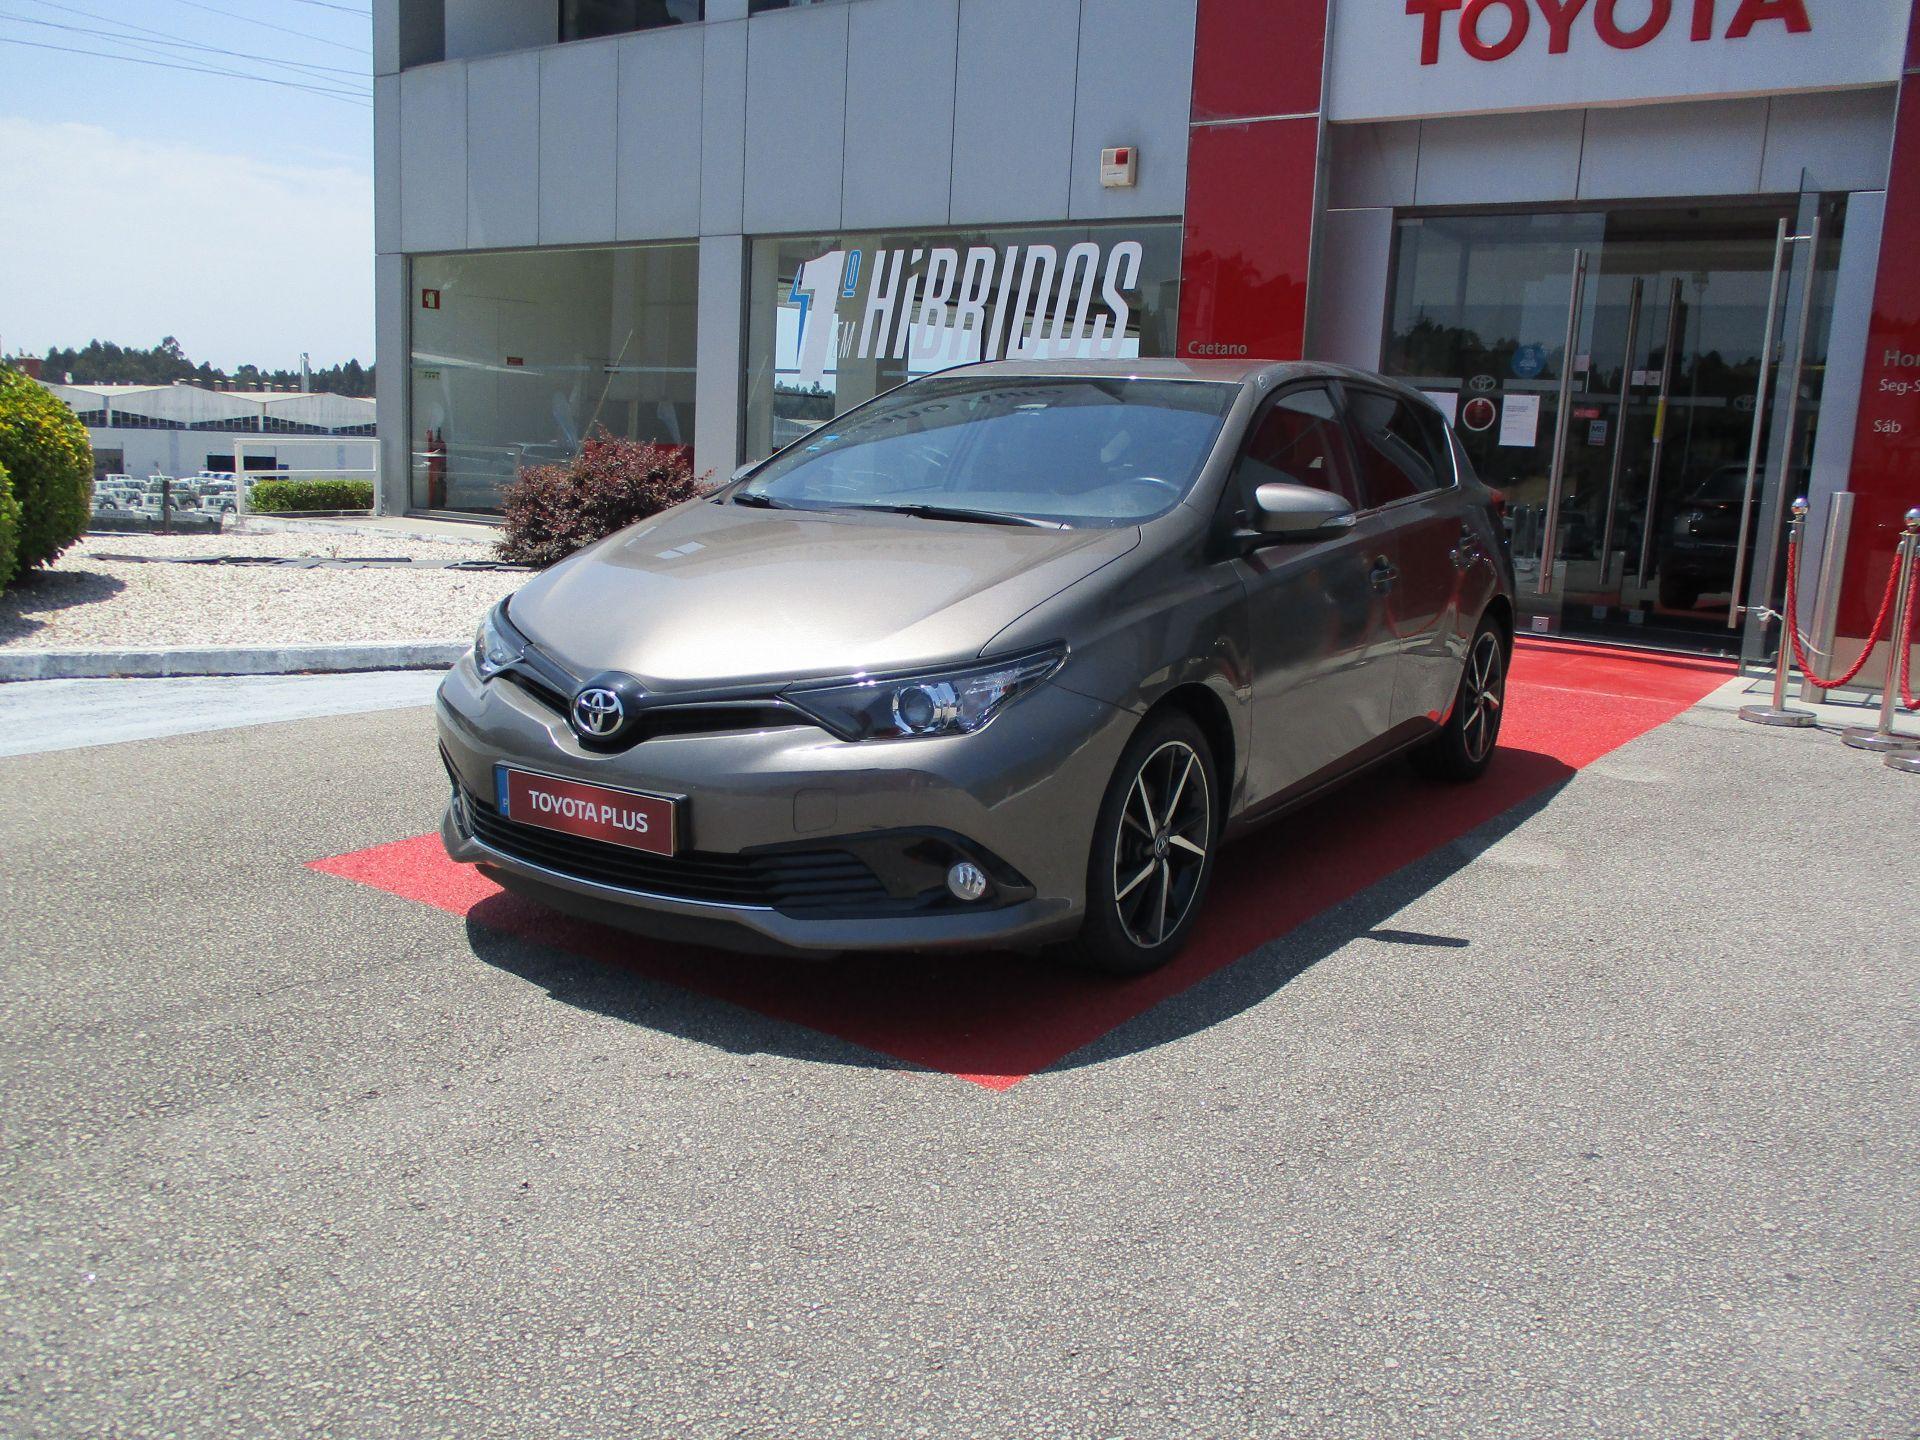 Toyota Auris Auris HB 1.4D Comfort + Techno + Pack Sport segunda mão Aveiro